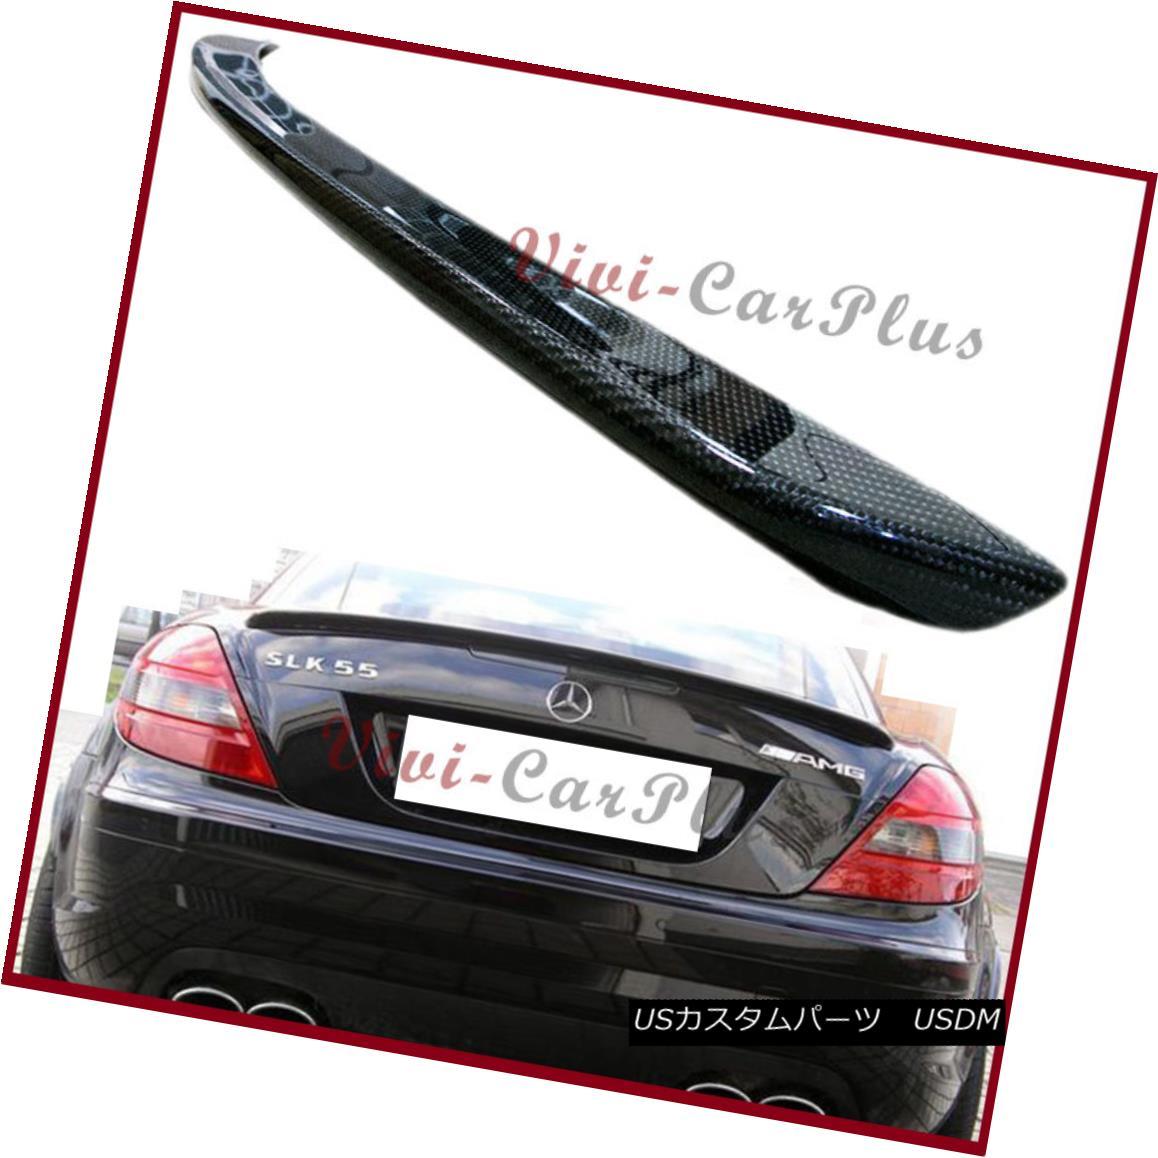 エアロパーツ Carbon Fiber M-Benz R171 AMG Trunk Spoiler Fit 05-10 SLK280 SLK300 SLK350 SLK55 炭素繊維M-Benz R171 AMGトランク・スポイラー・フィット05-10 SLK280 SLK300 SLK350 SLK55